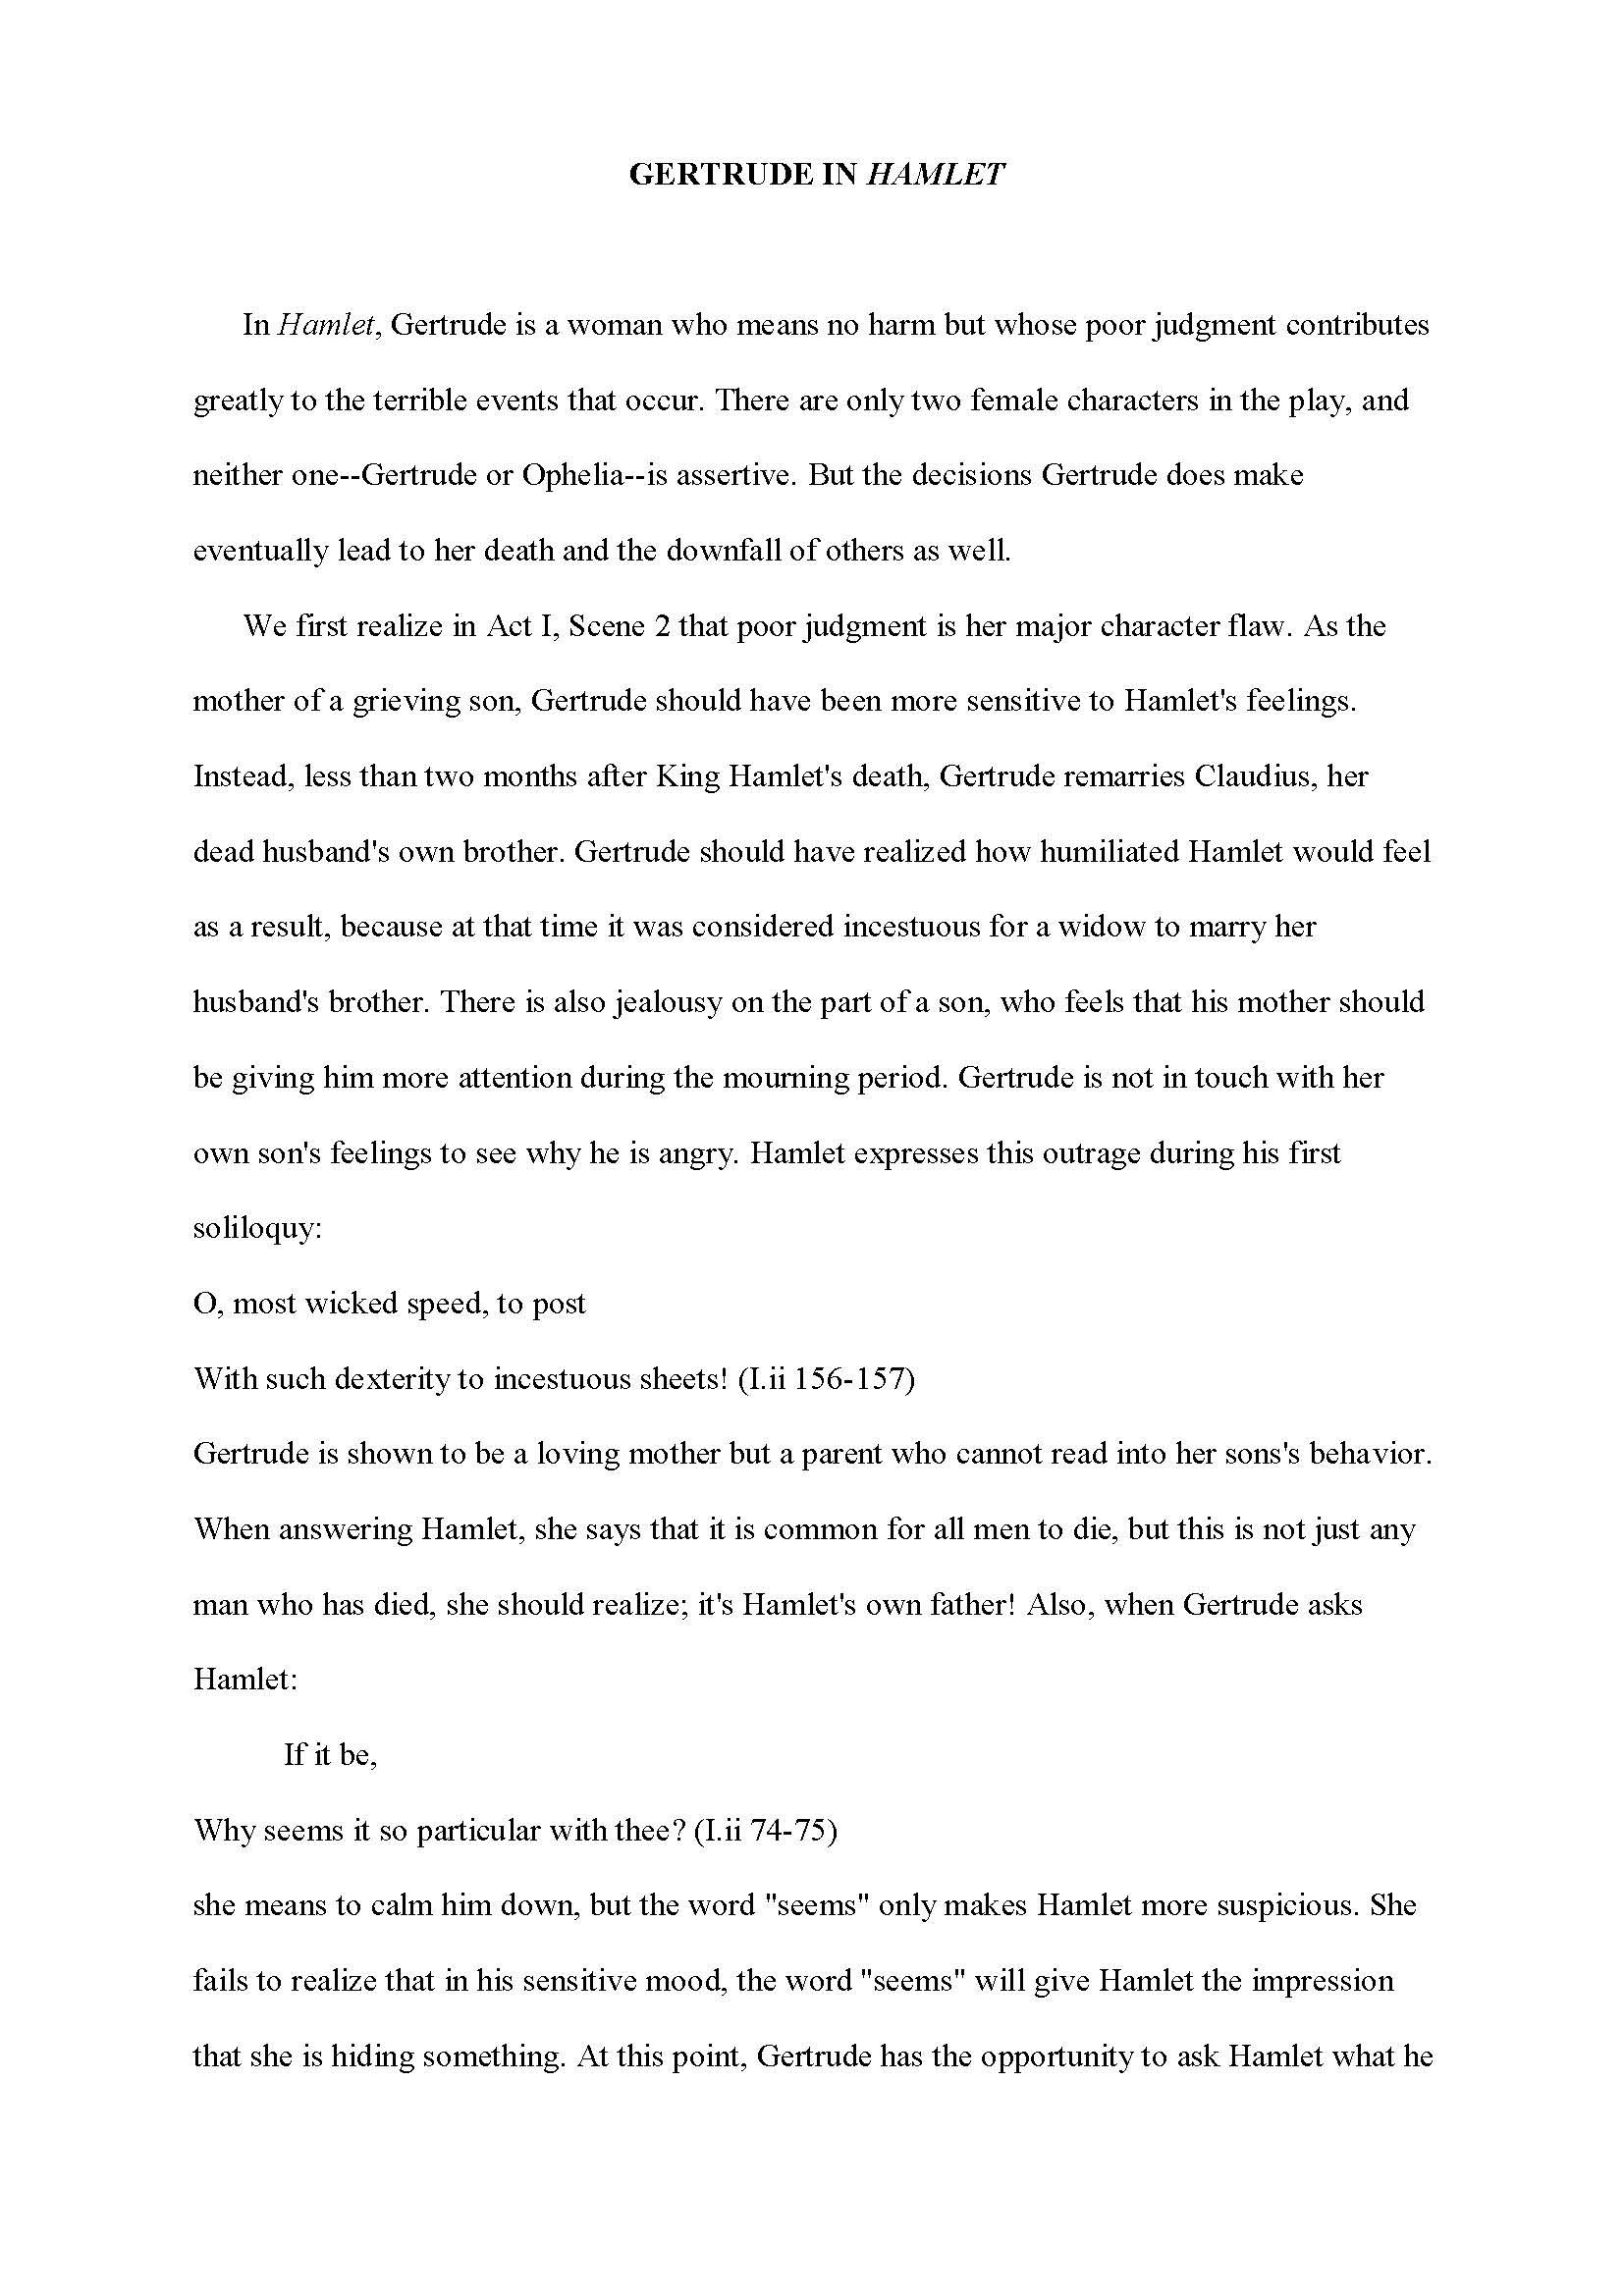 020 Sample Gre Essays Essay Example Unique Topics Practice Argument Prompts Full